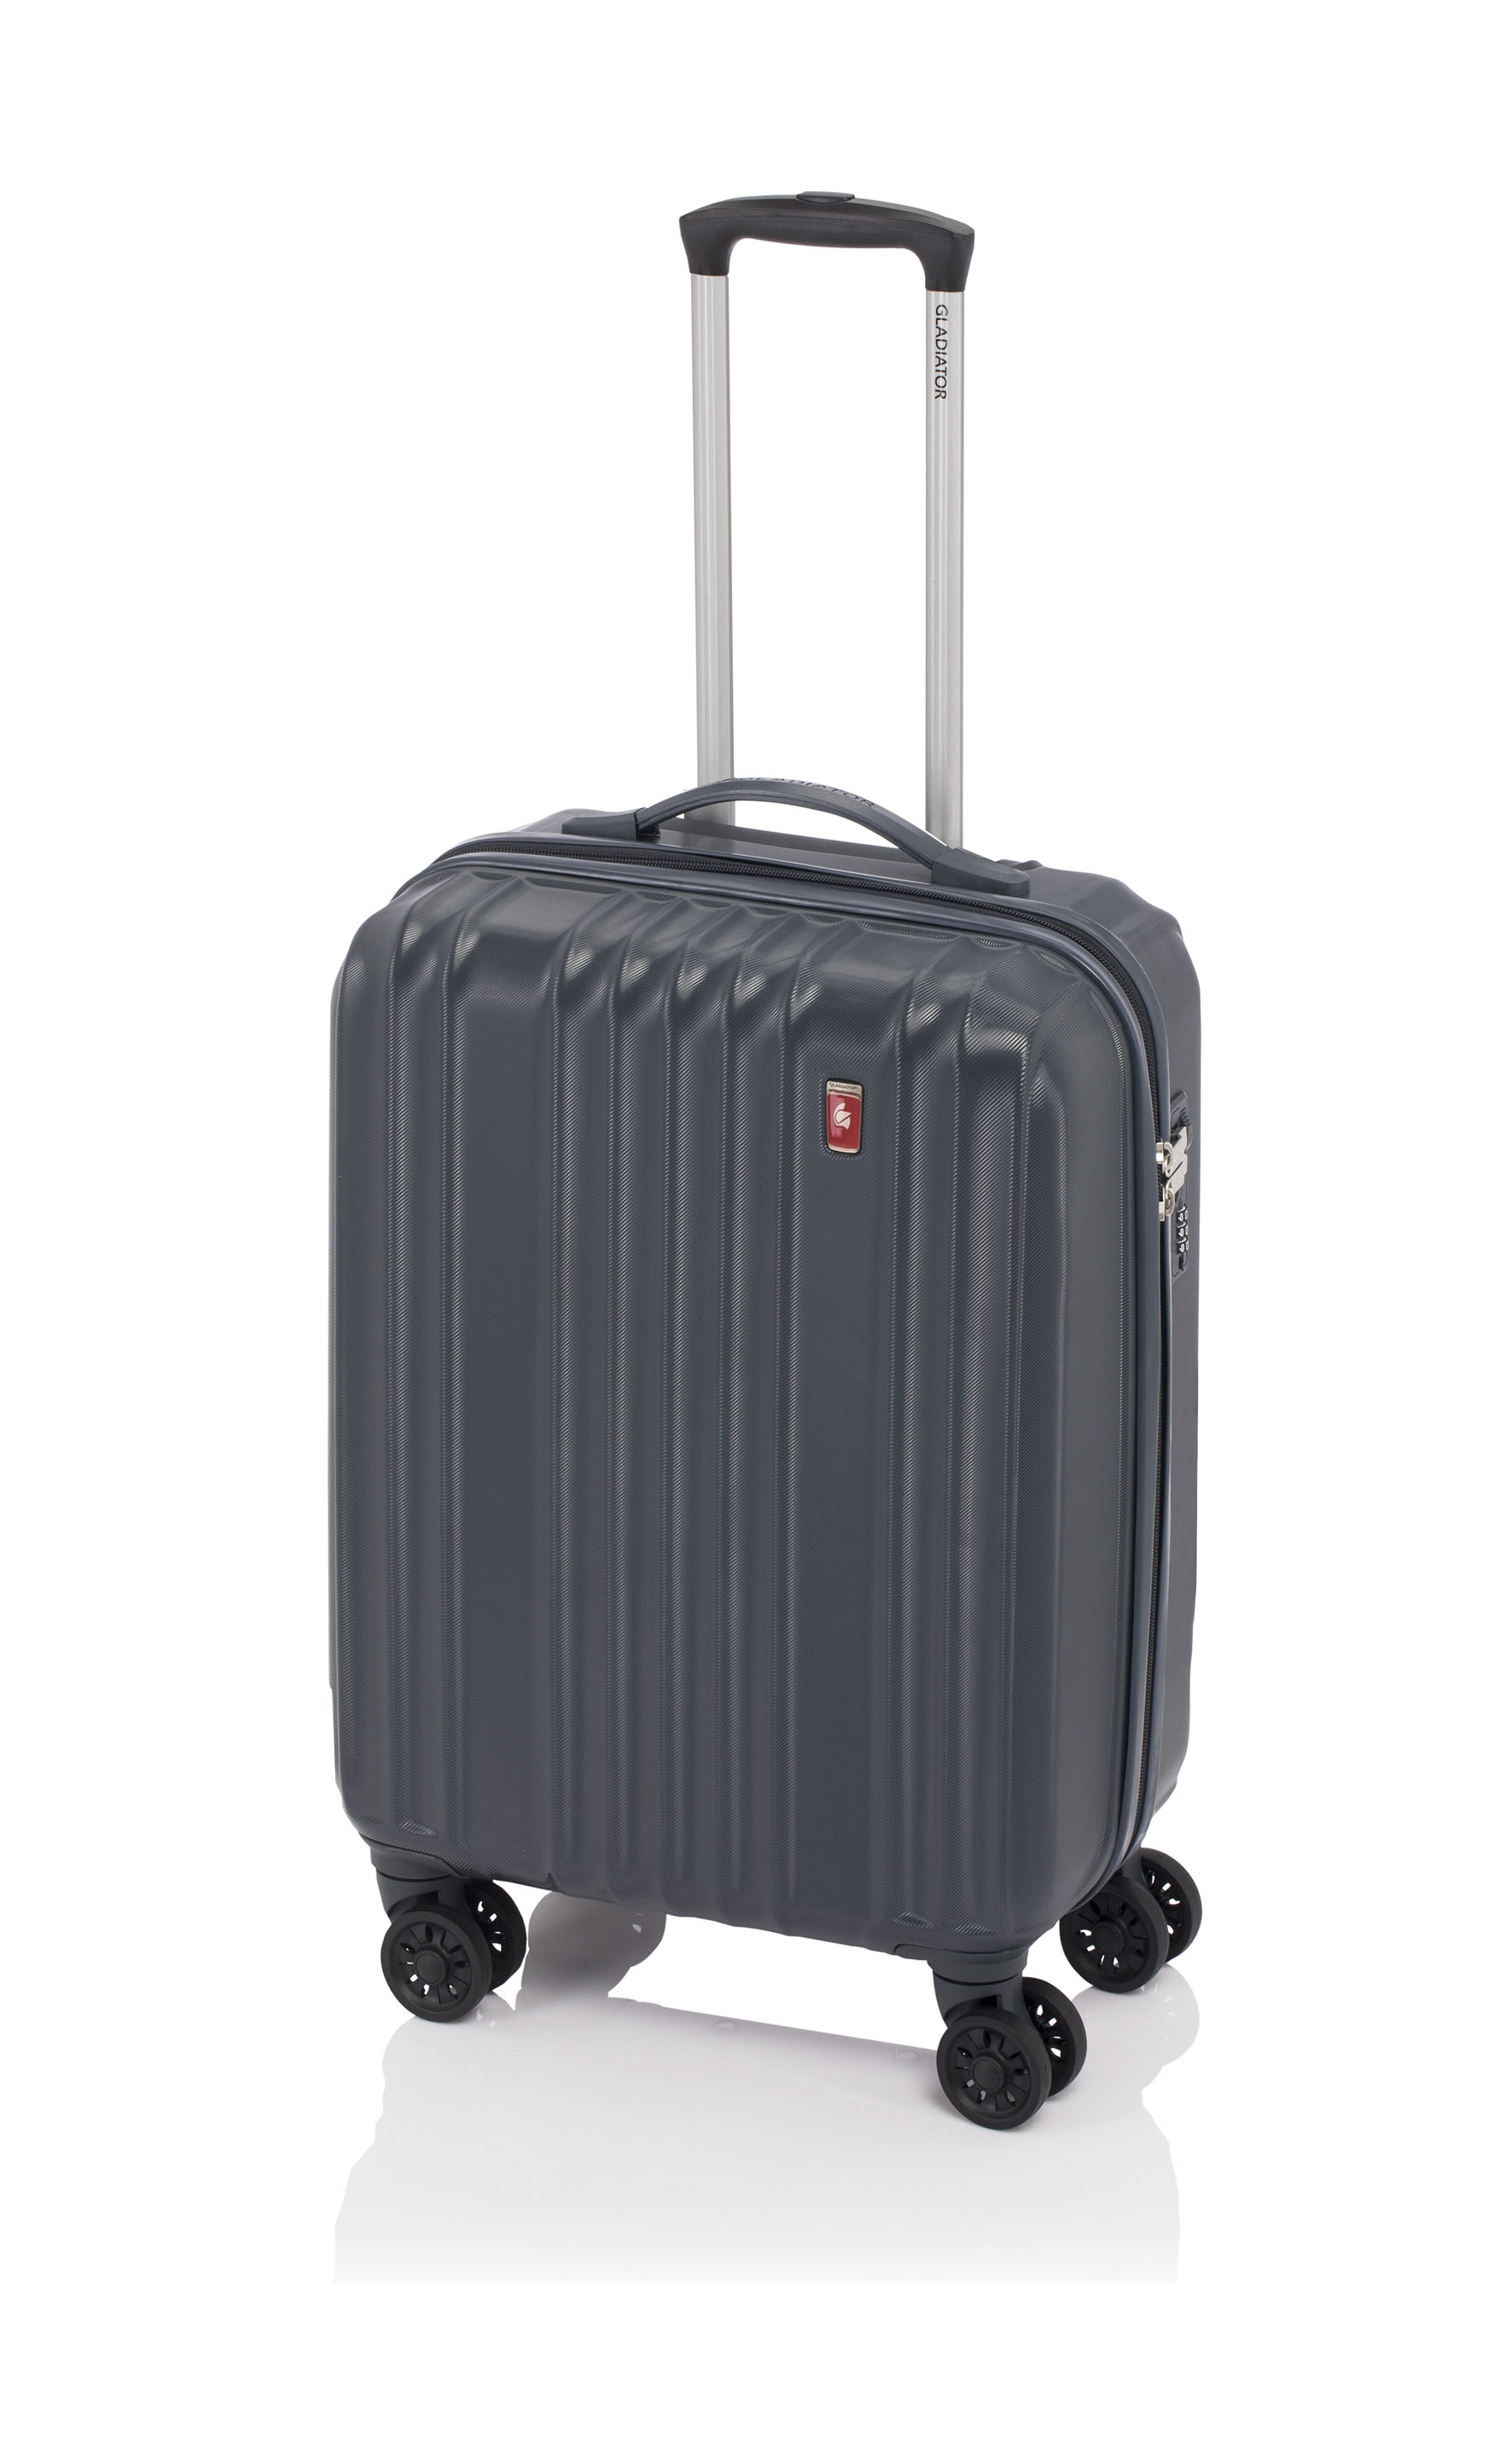 Gladiator Zebra maleta cabina 4R - gris